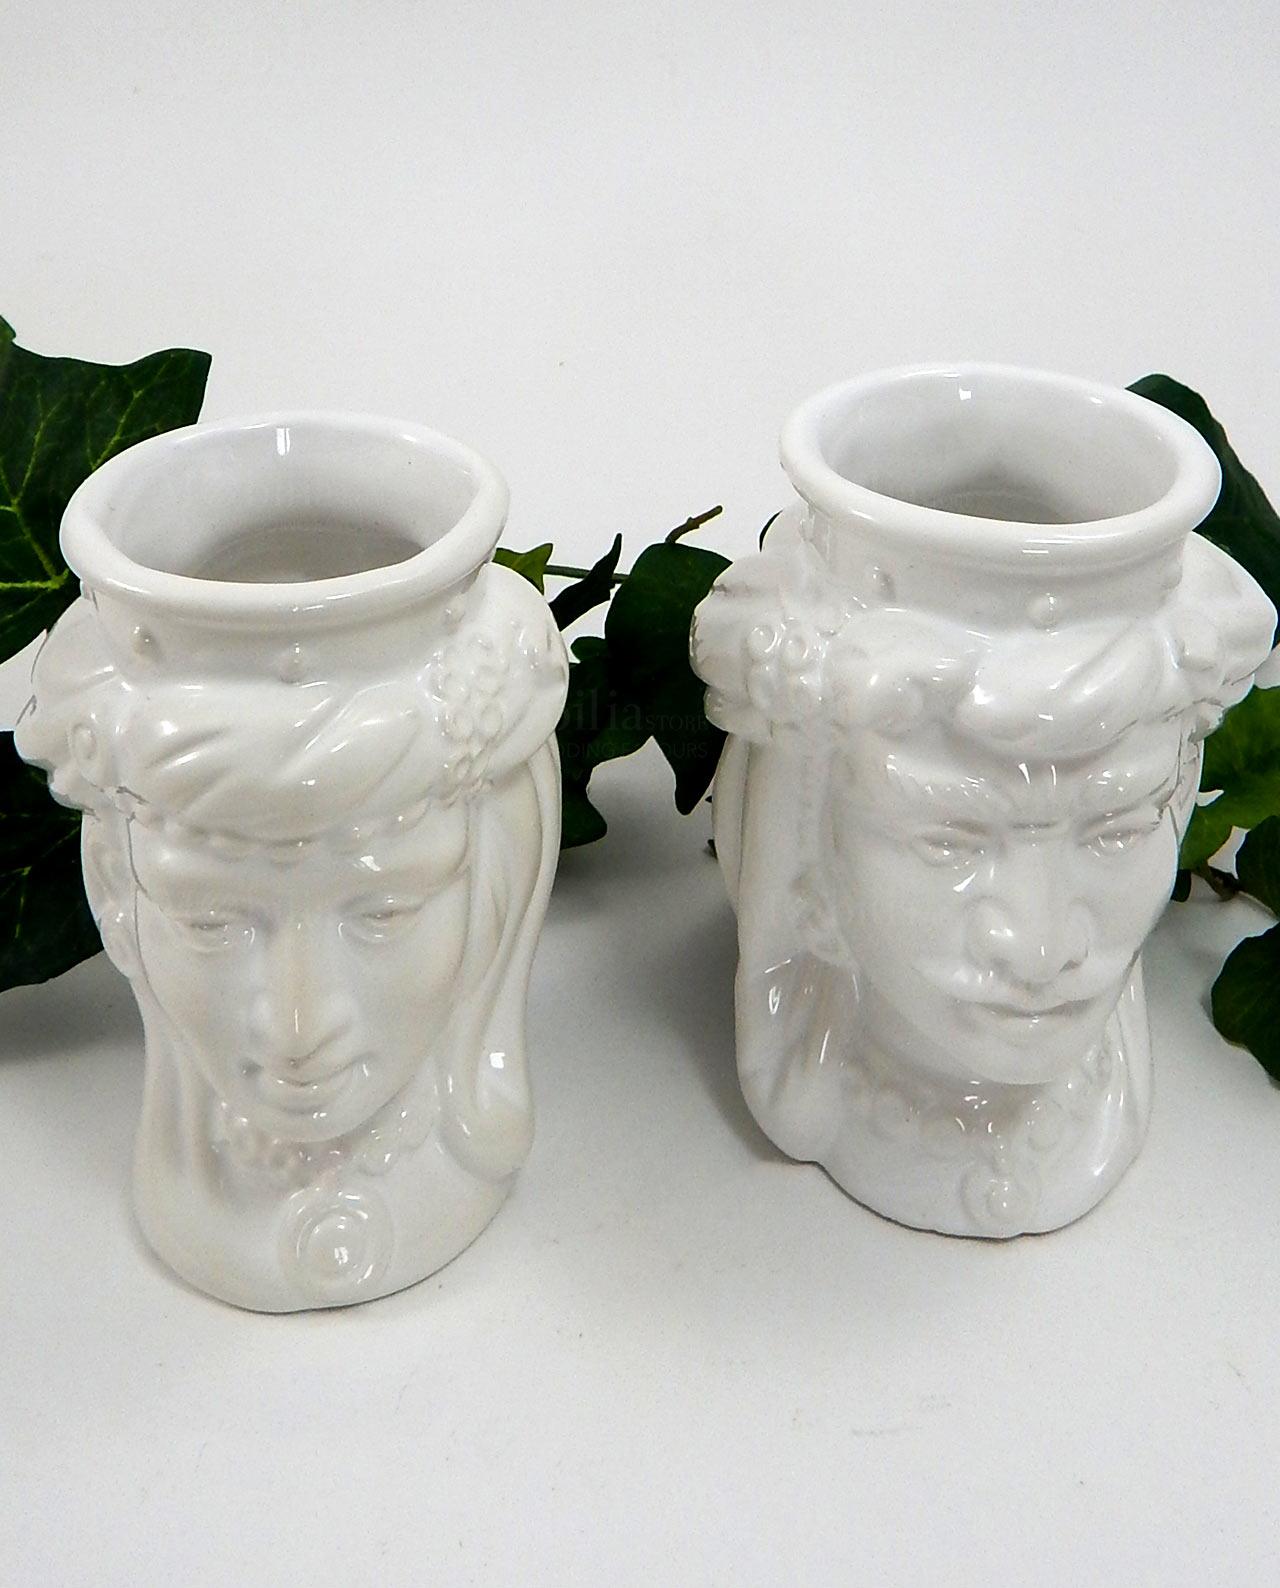 Bomboniera Matrimonio Country Chic : Bomboniera teste di moro corona ovale ceramica bianca